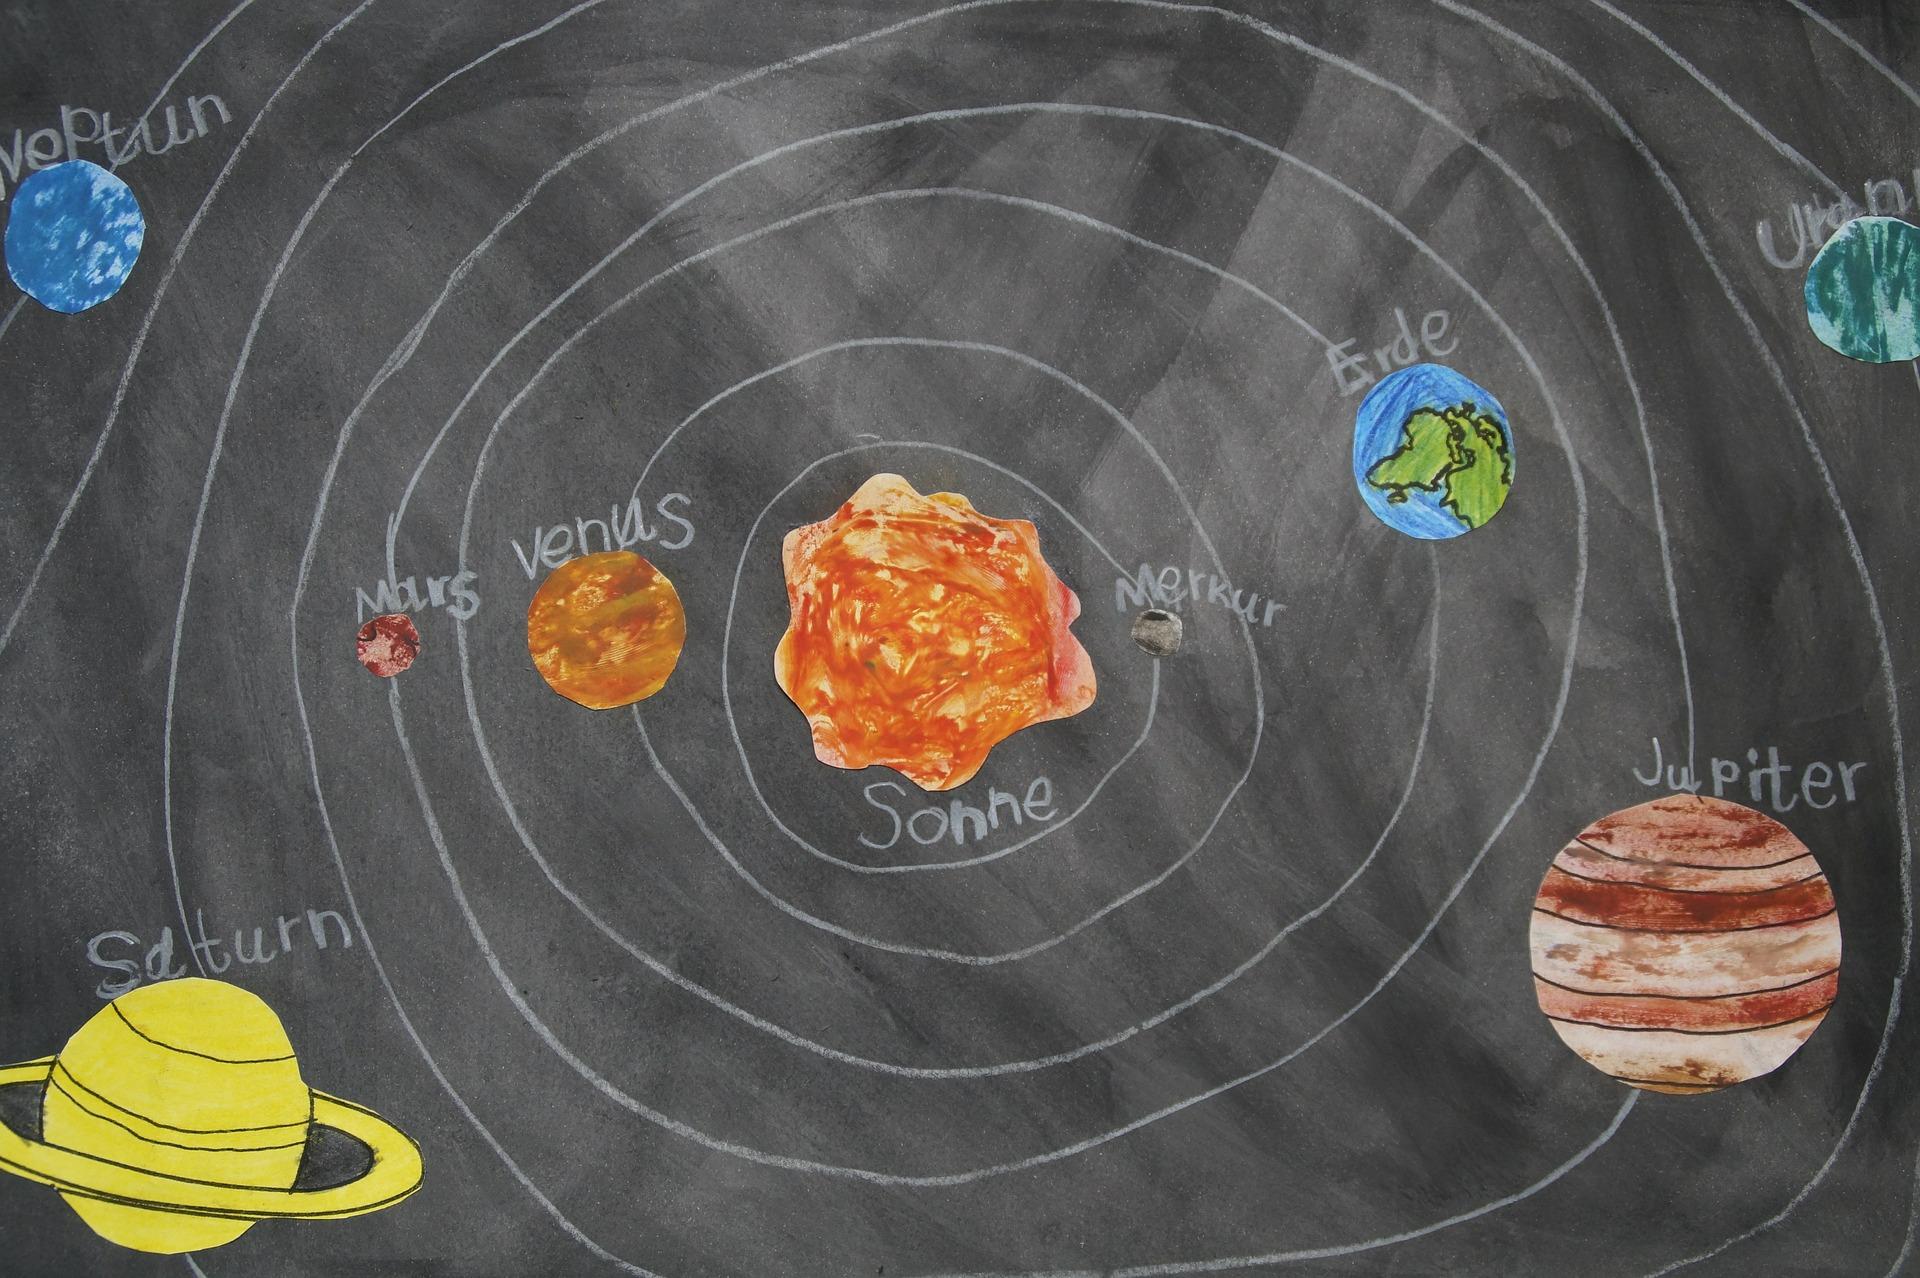 merkury planeta, Merkury, układ planetarny, astronomia, układ słoneczny, kosmos